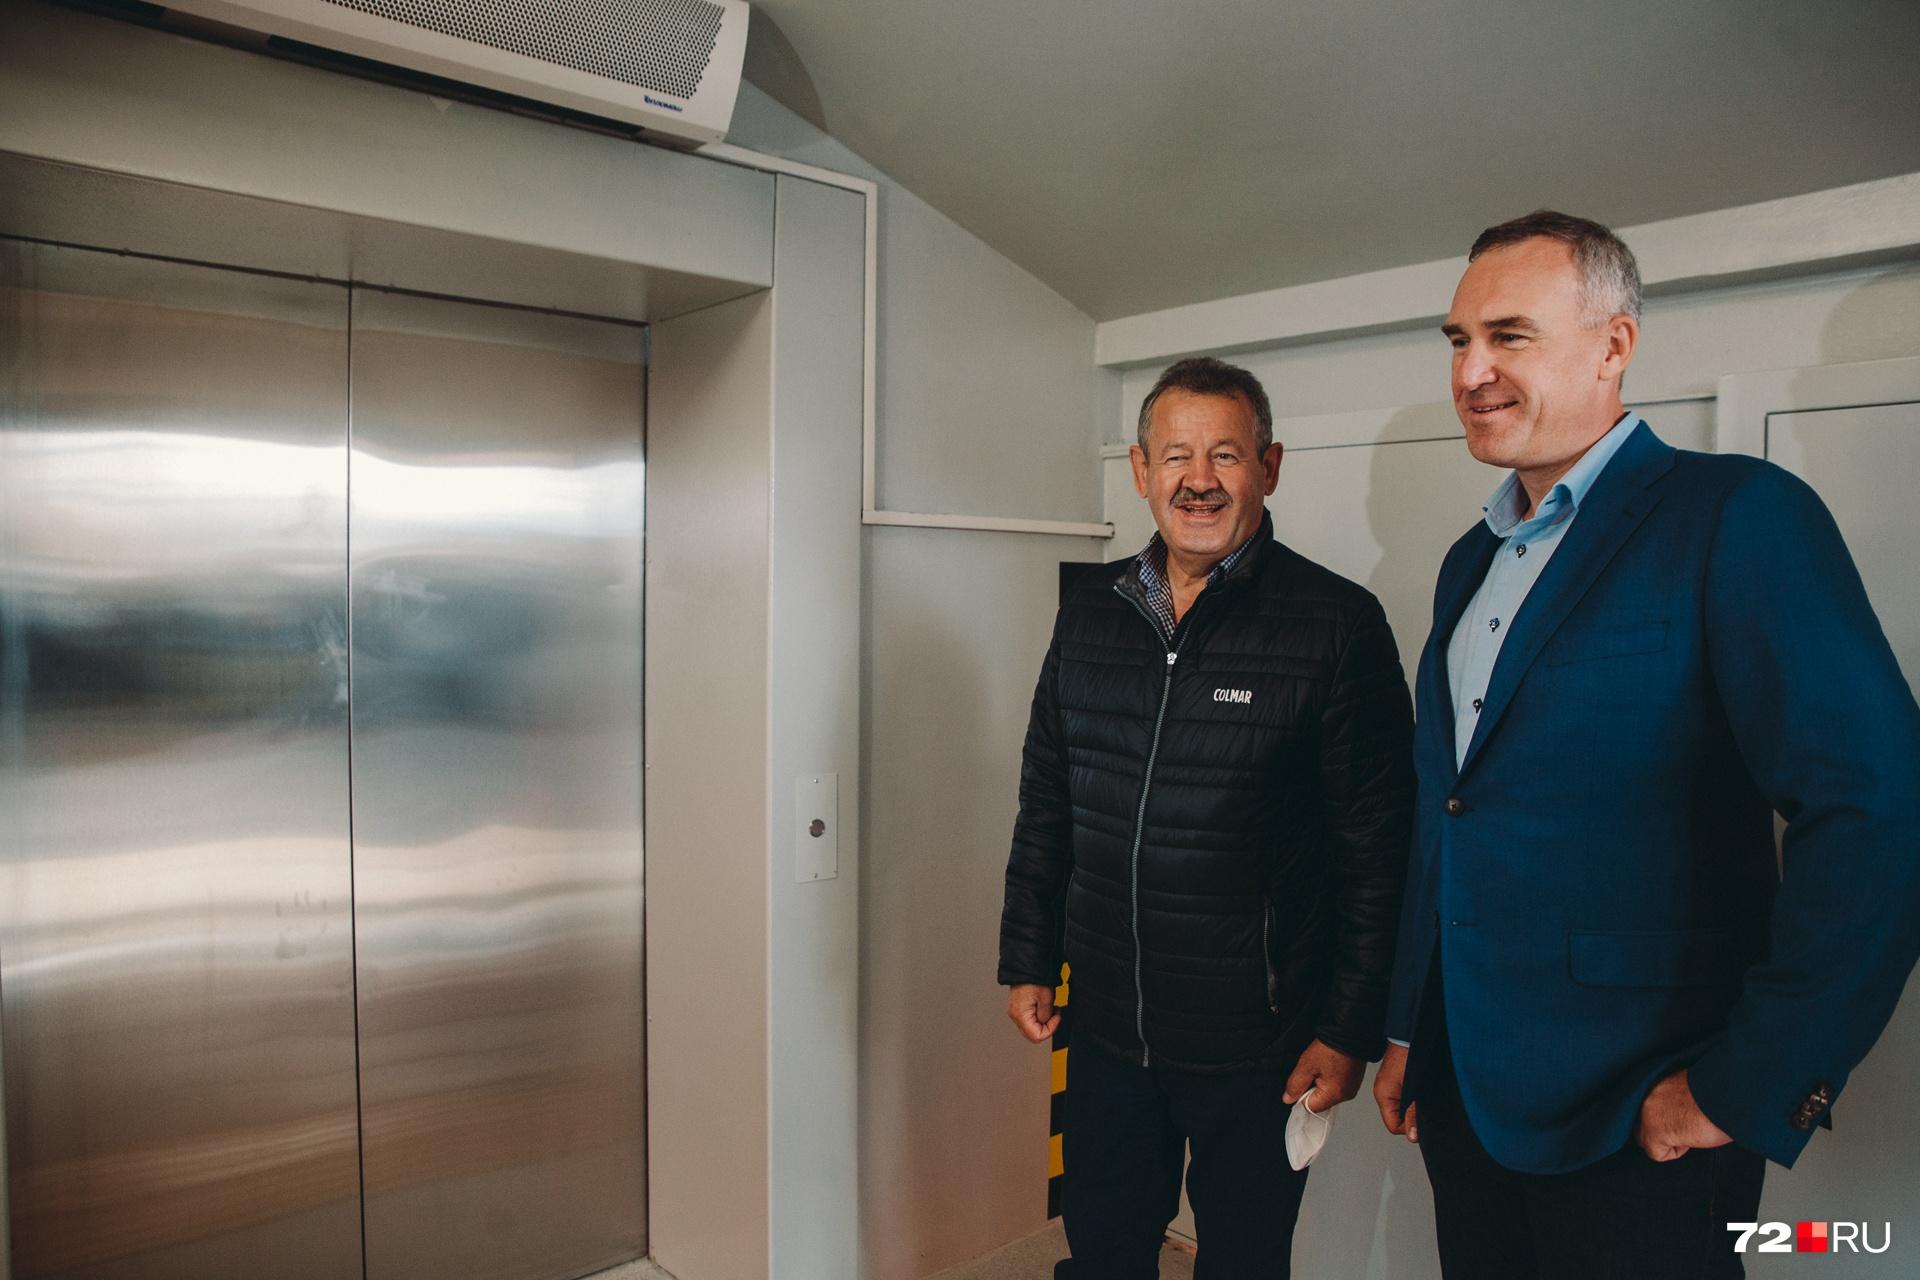 Николай Руссу ещё не знает, что лифт не приедет